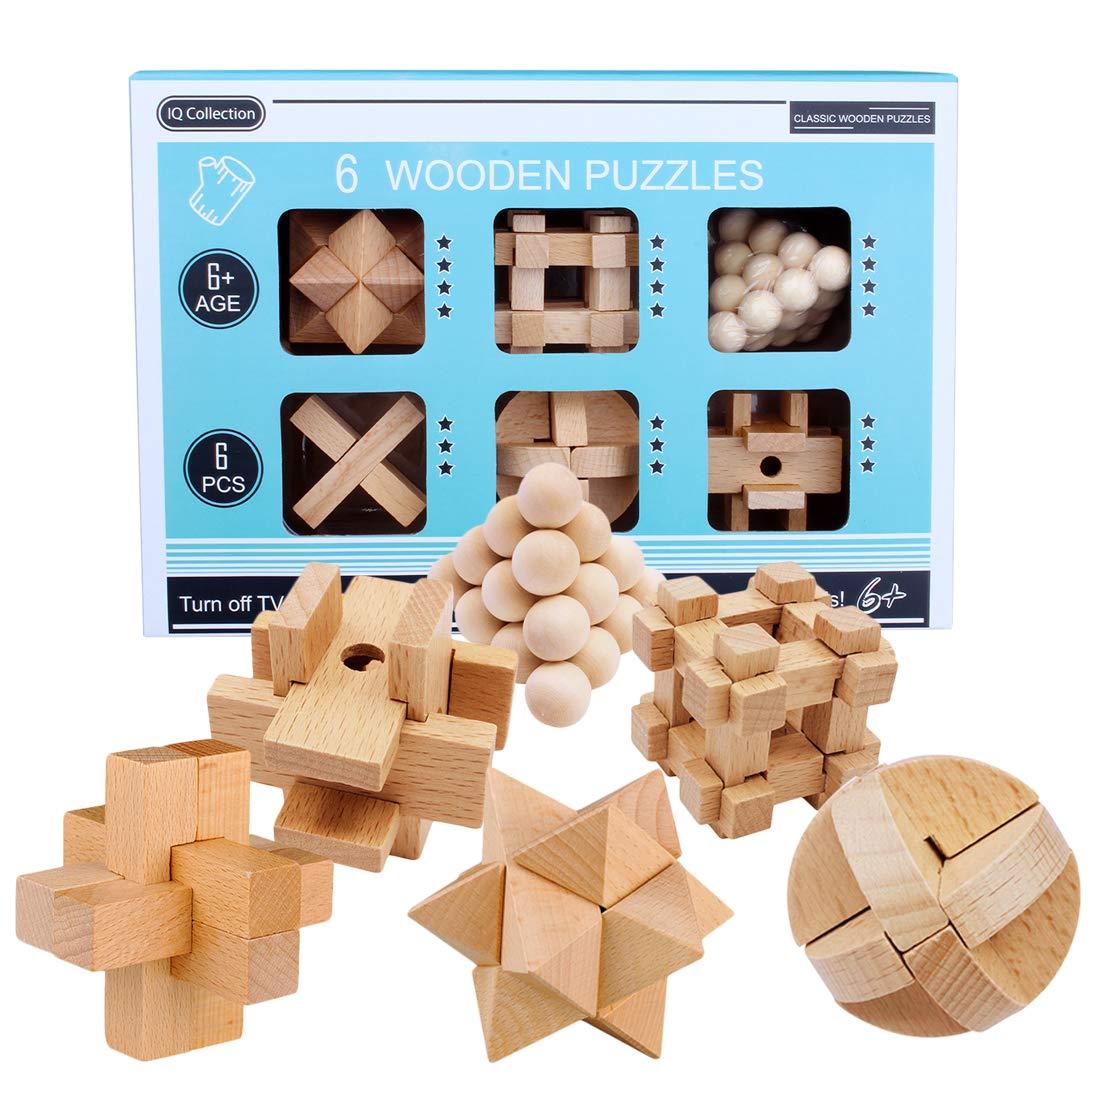 LoKauf 6St. Holz Knobelspiele Set IQ Puzzle 3D Knifflige Spiele Rä tsel Brainteaser Denkspiel Logikspiele Geduldspiele Adventskalender Inhalt fü r Kinder und Erwachsene